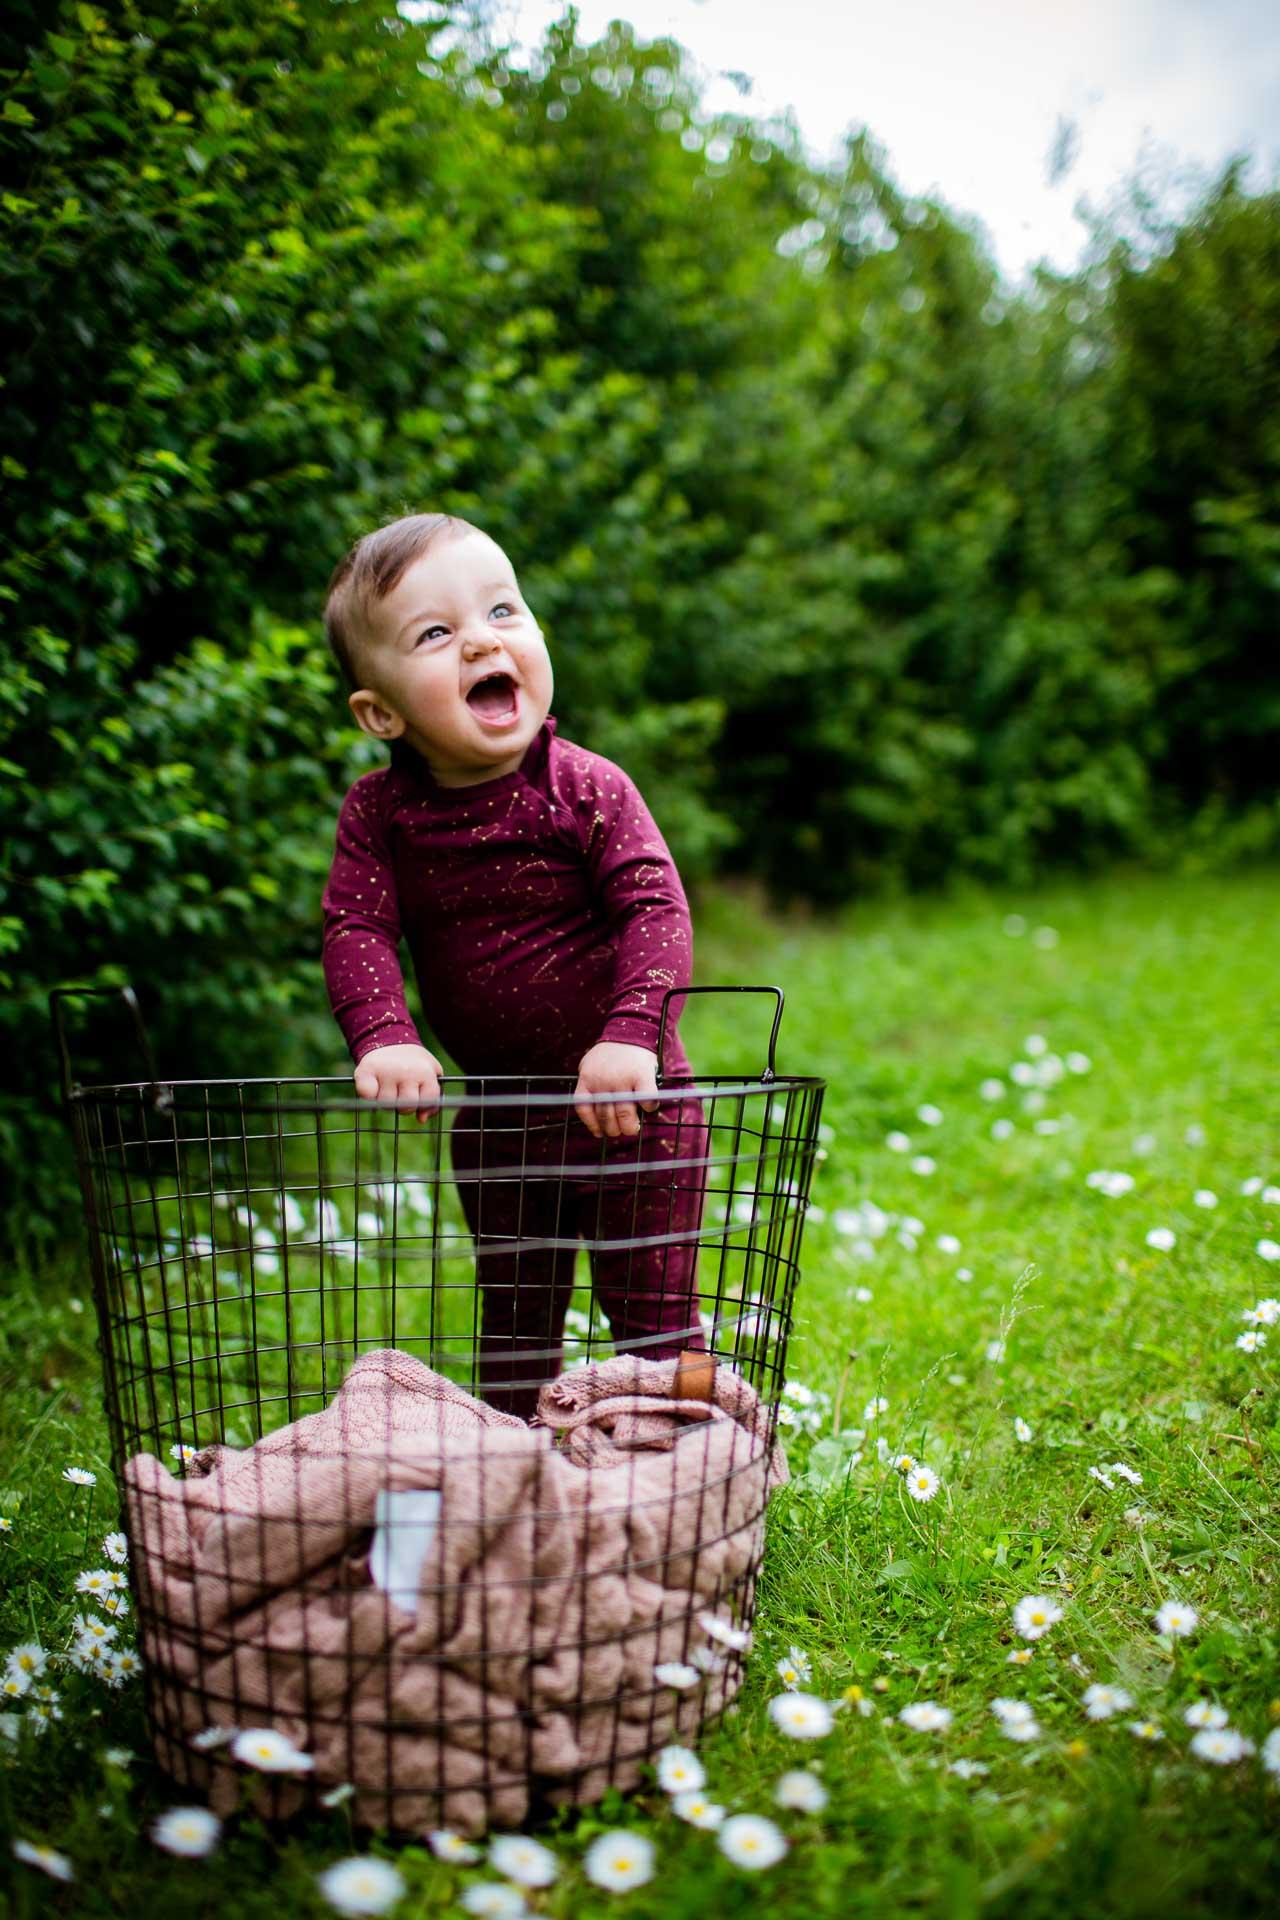 Prisvindende fotograf med stor erfaring med børne og baby fotografering. Børnebilleder i naturen